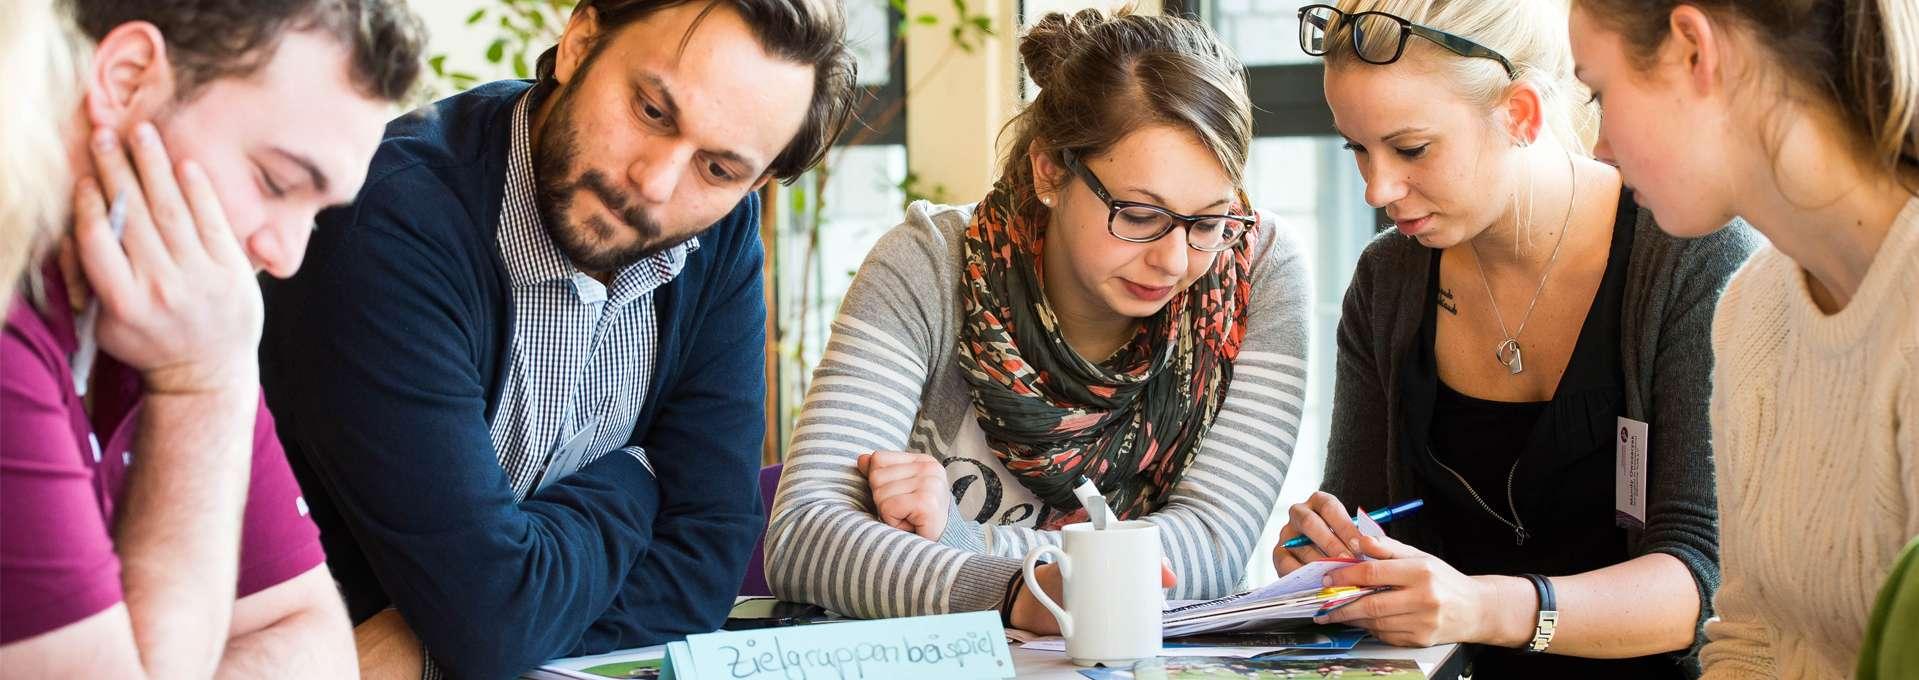 Headerbild Engagement für Bünde und Verbände: junge Diskussionsgruppe